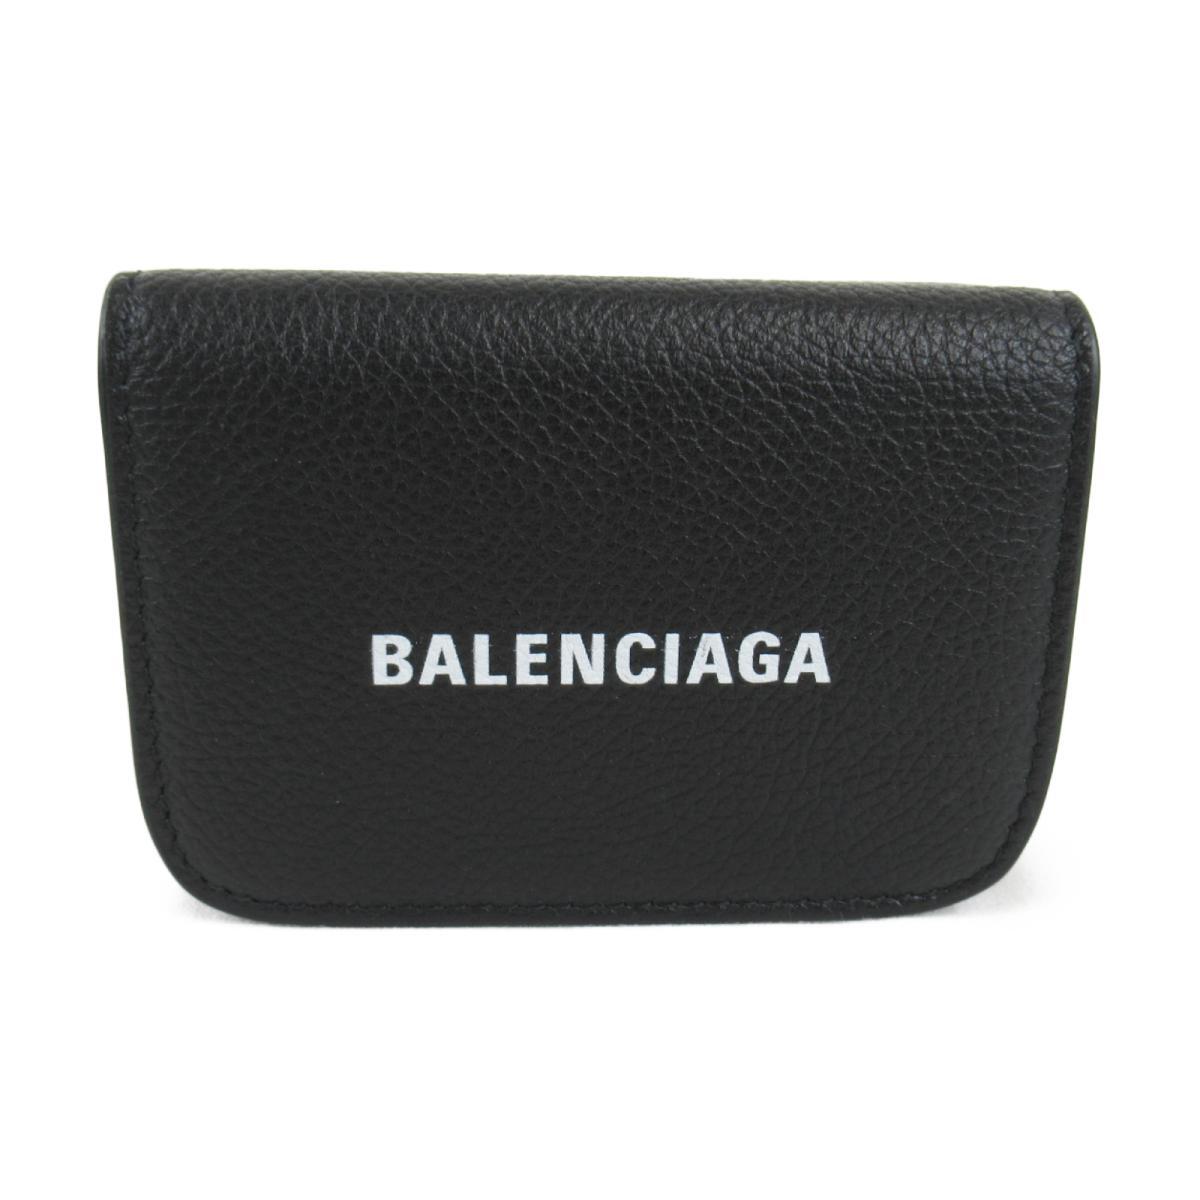 バレンシアガ CASH MINI WALLET 二つ折り財布 財布 メンズ レディース レザー ブラック (5938131IZ4M1090) | BALENCIAGA BRANDOFF ブランドオフ ブランド ブランド財布 レディース財布 サイフ